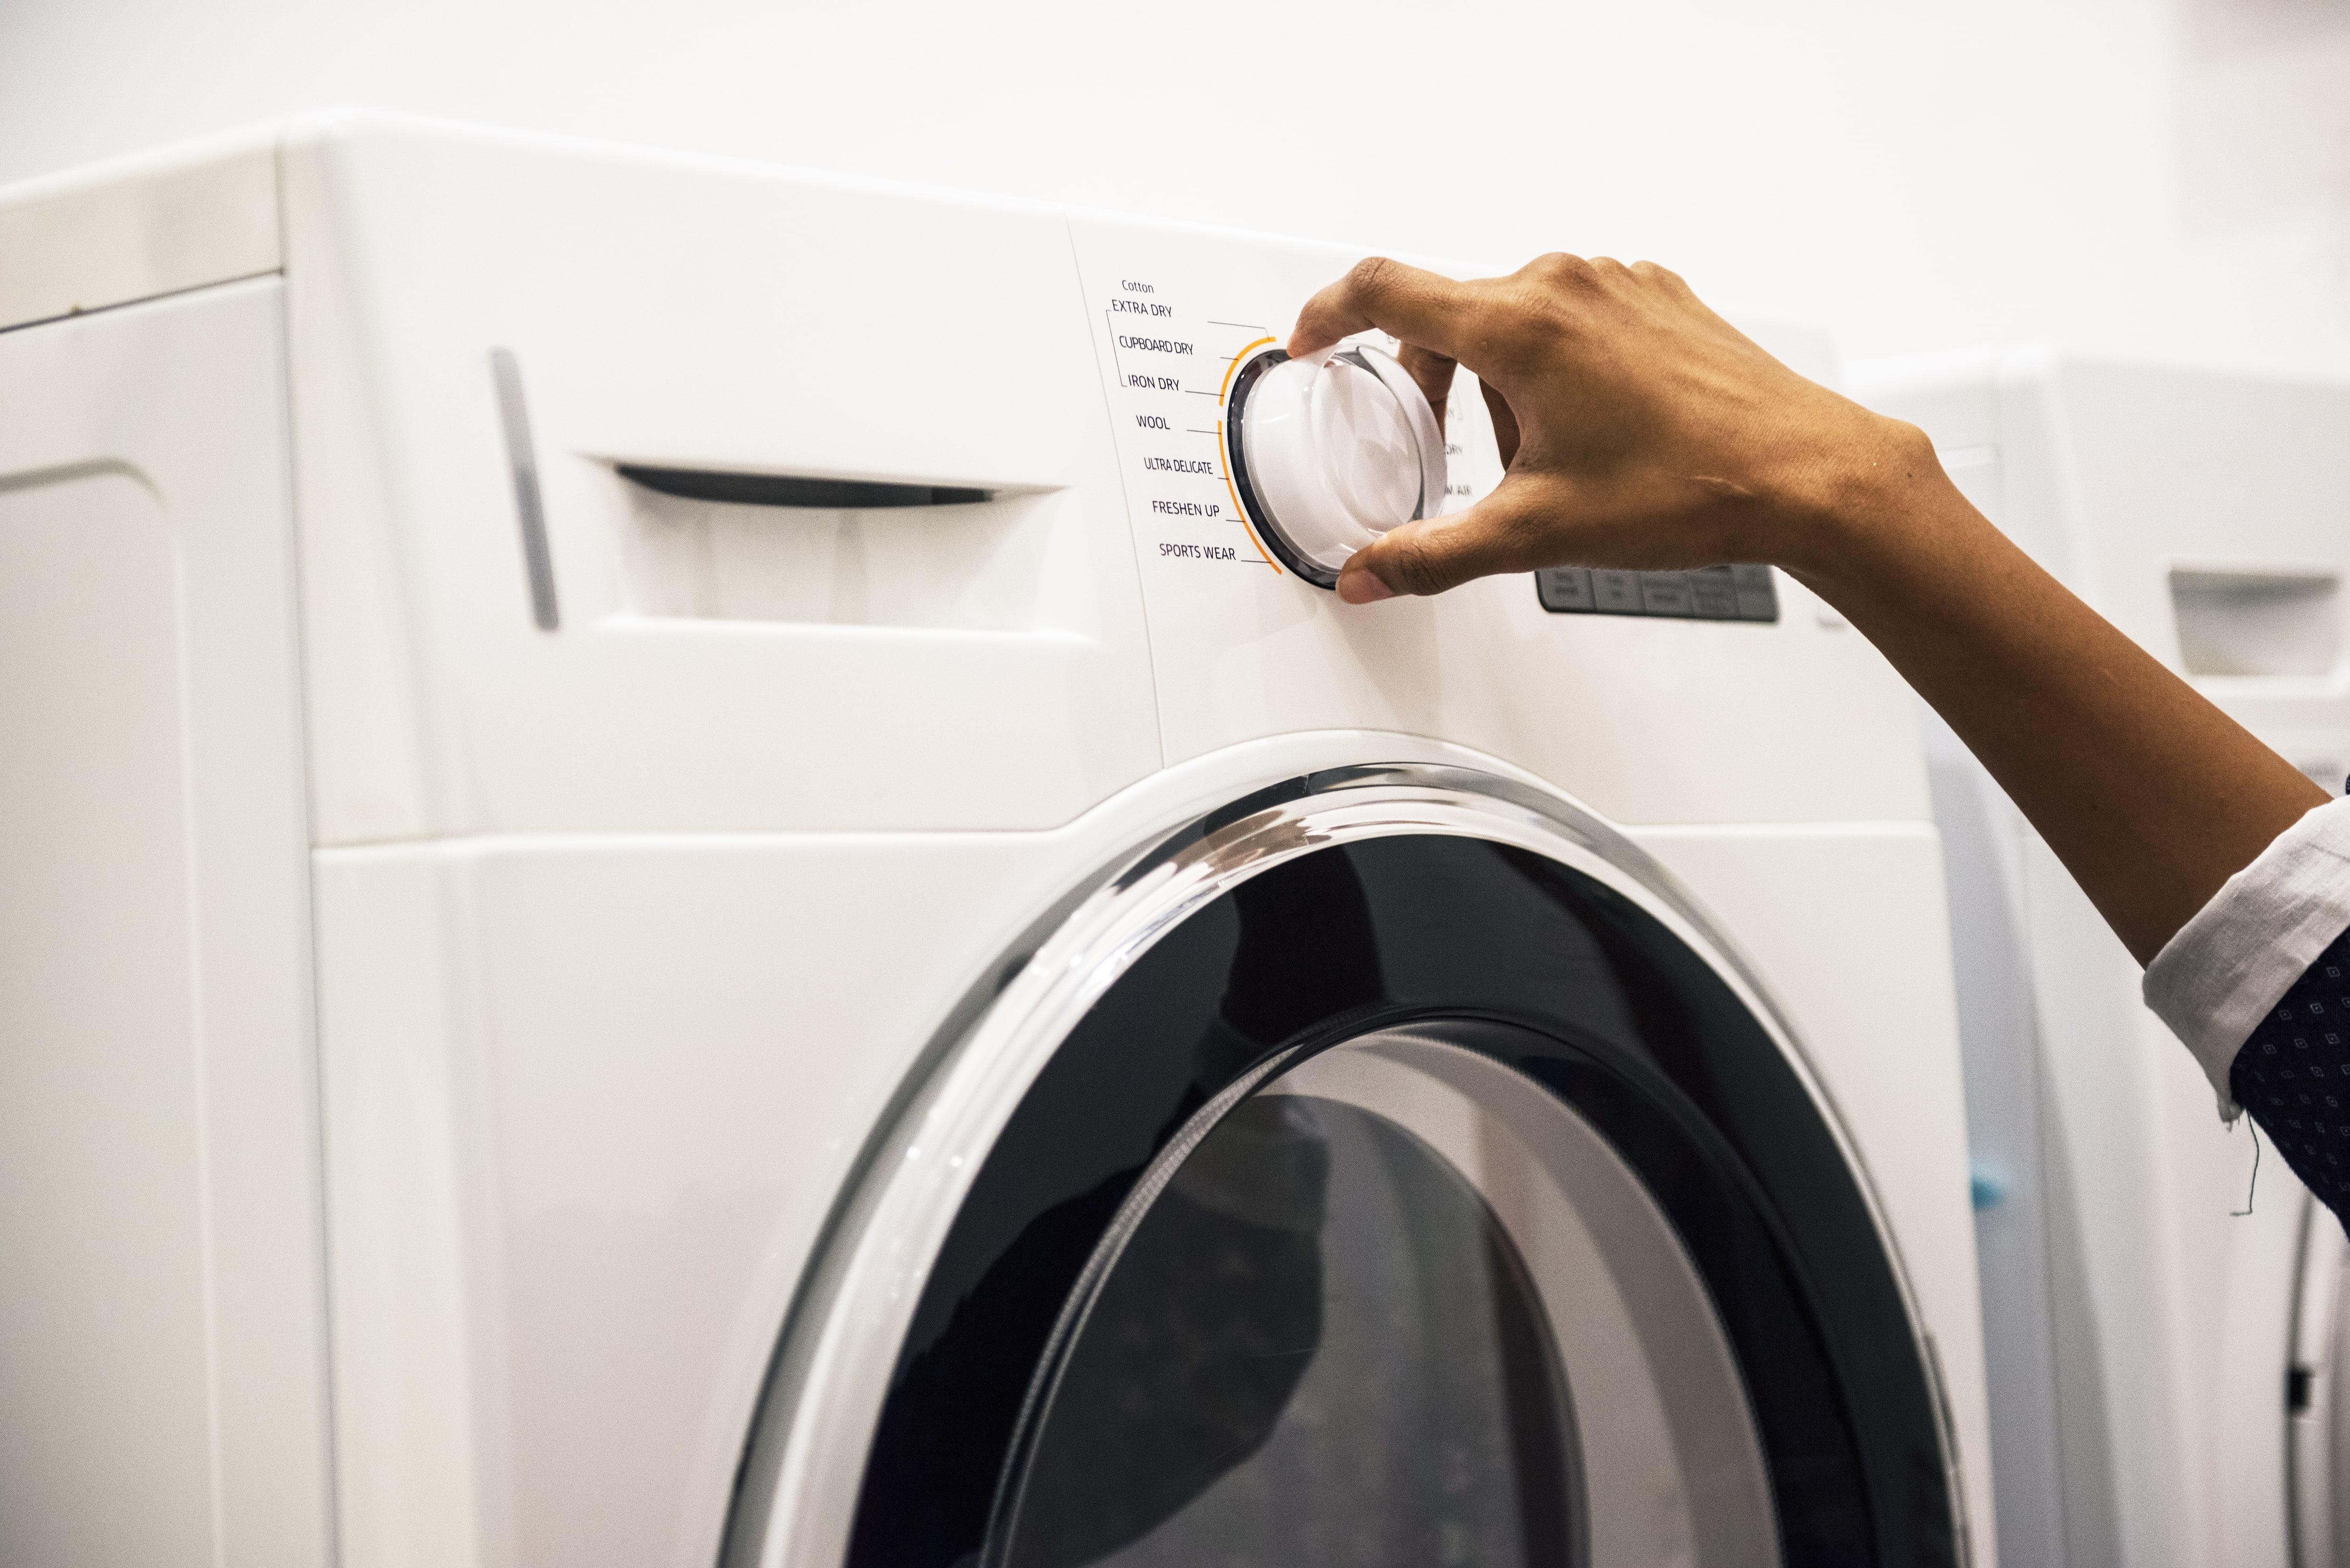 Мастер по ремонту стиральных машин пробует включить стиральную машинку повернув регулятор